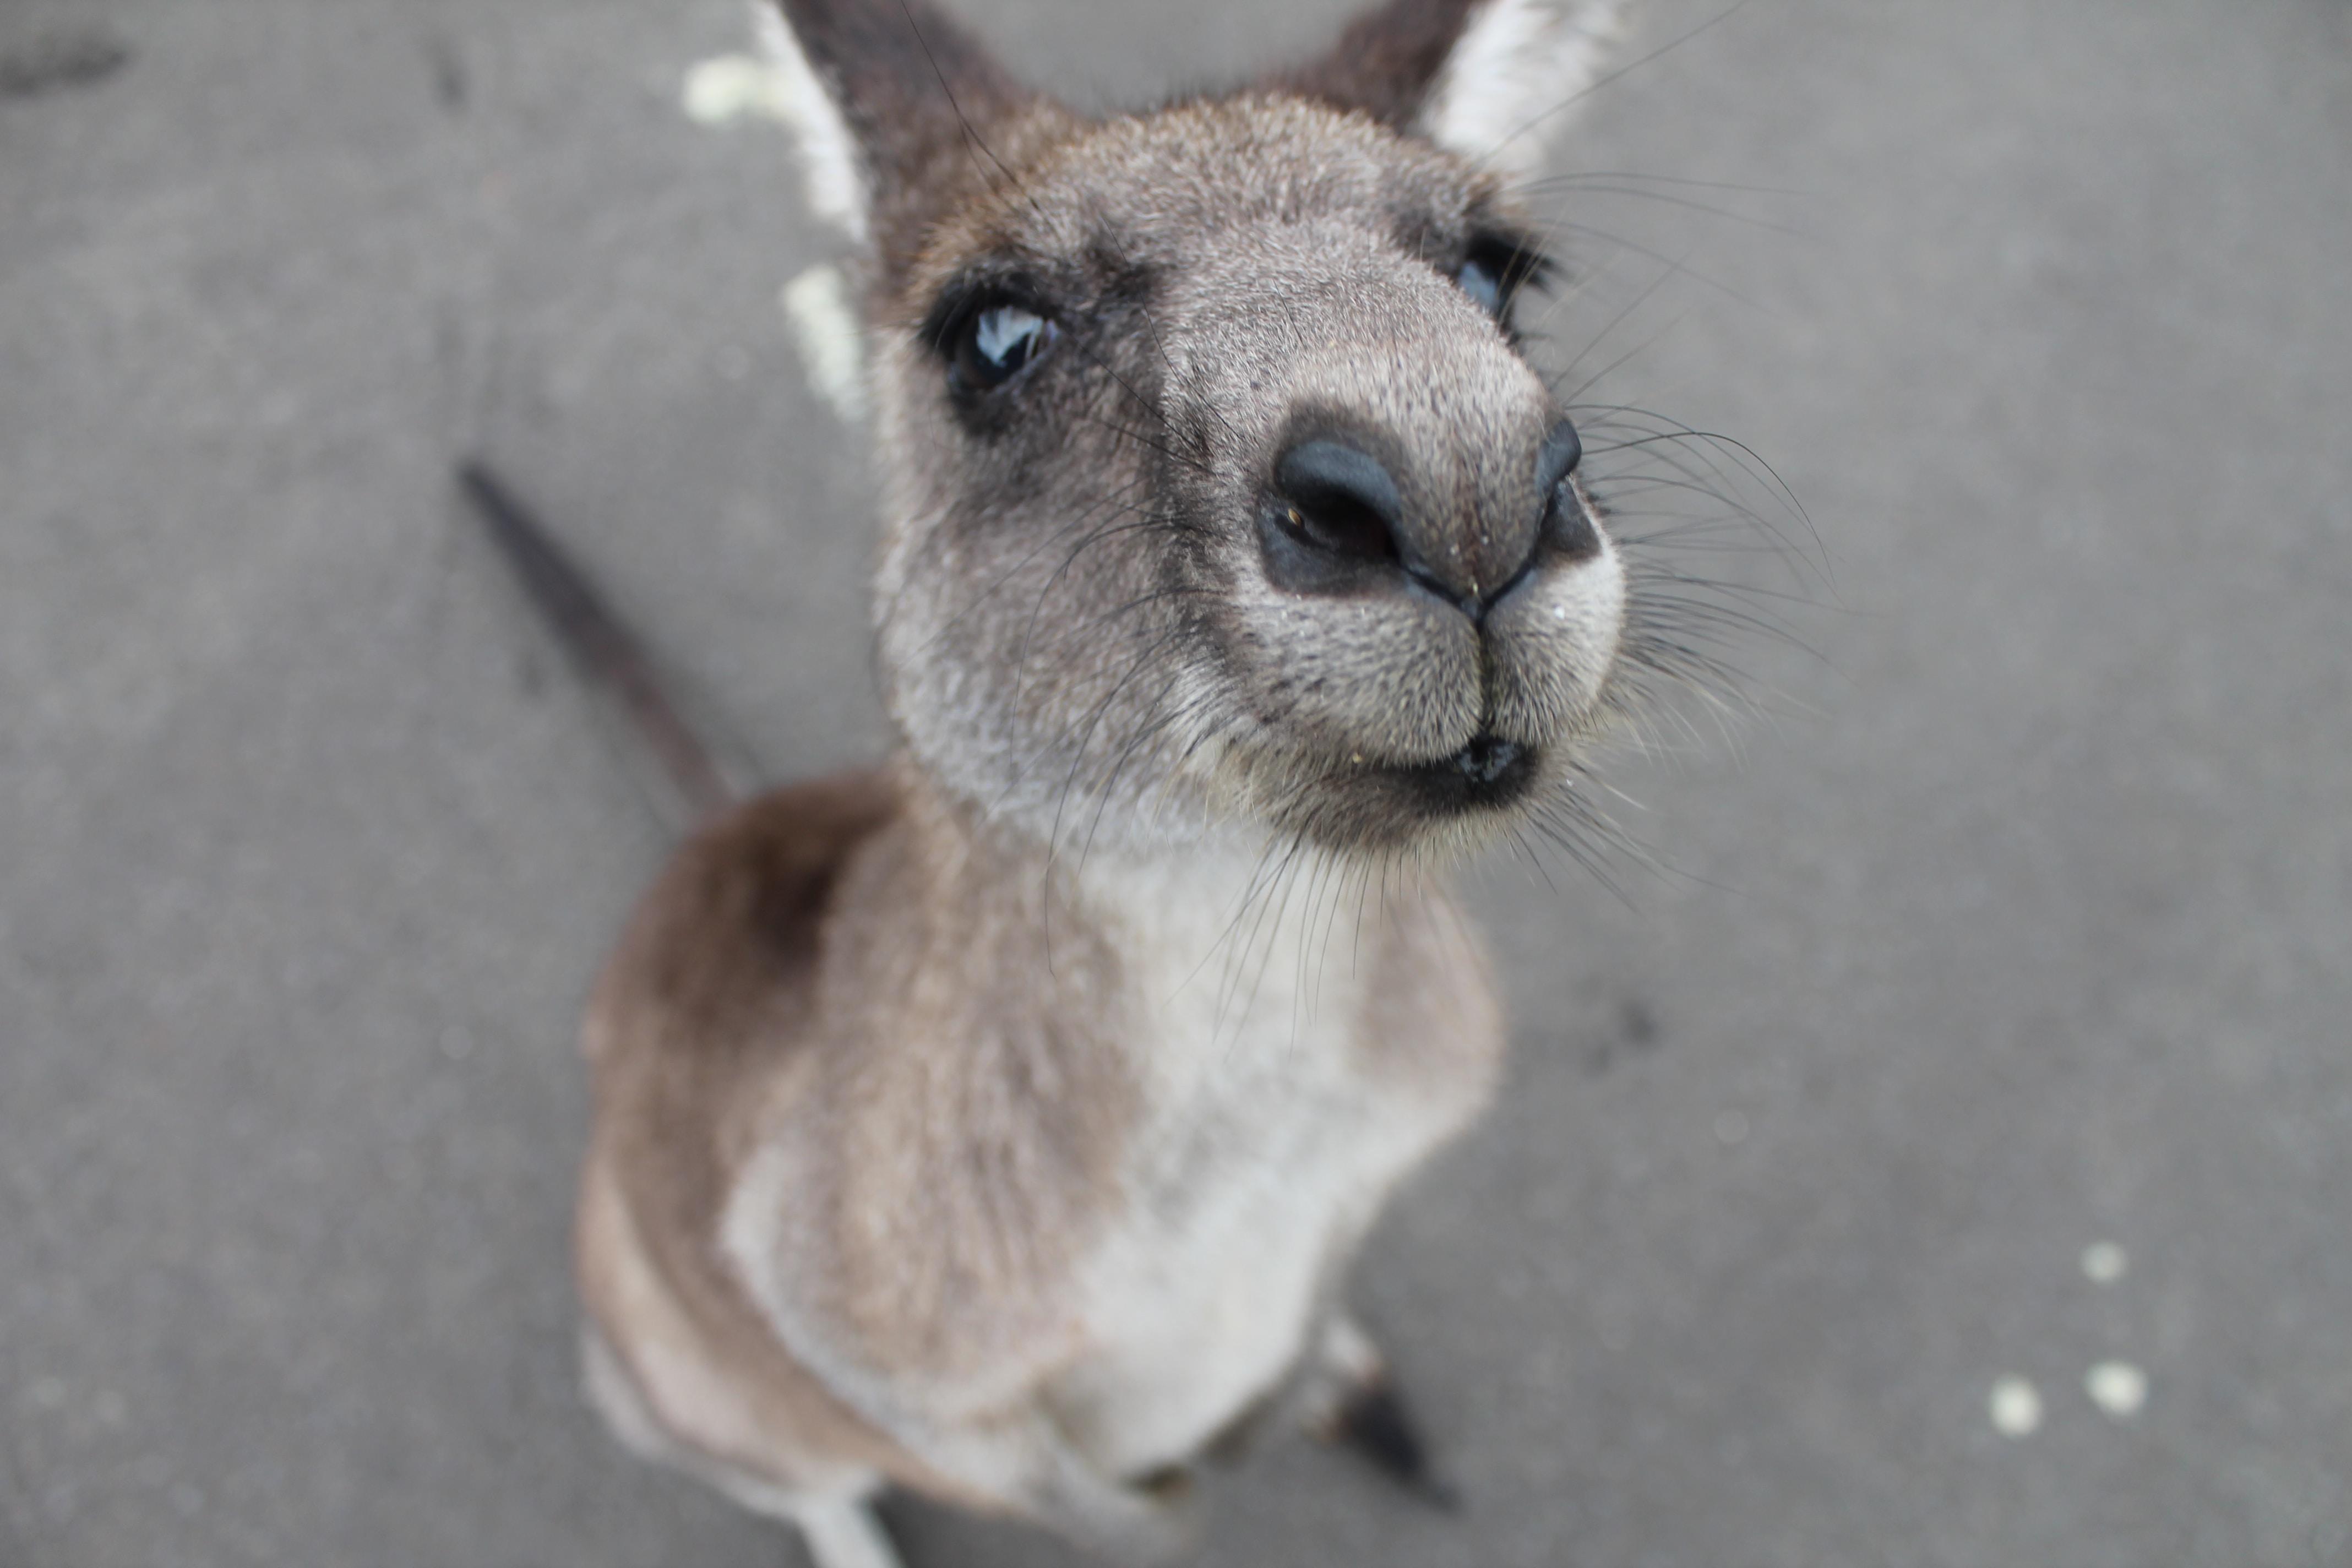 photo of gray kangaroo